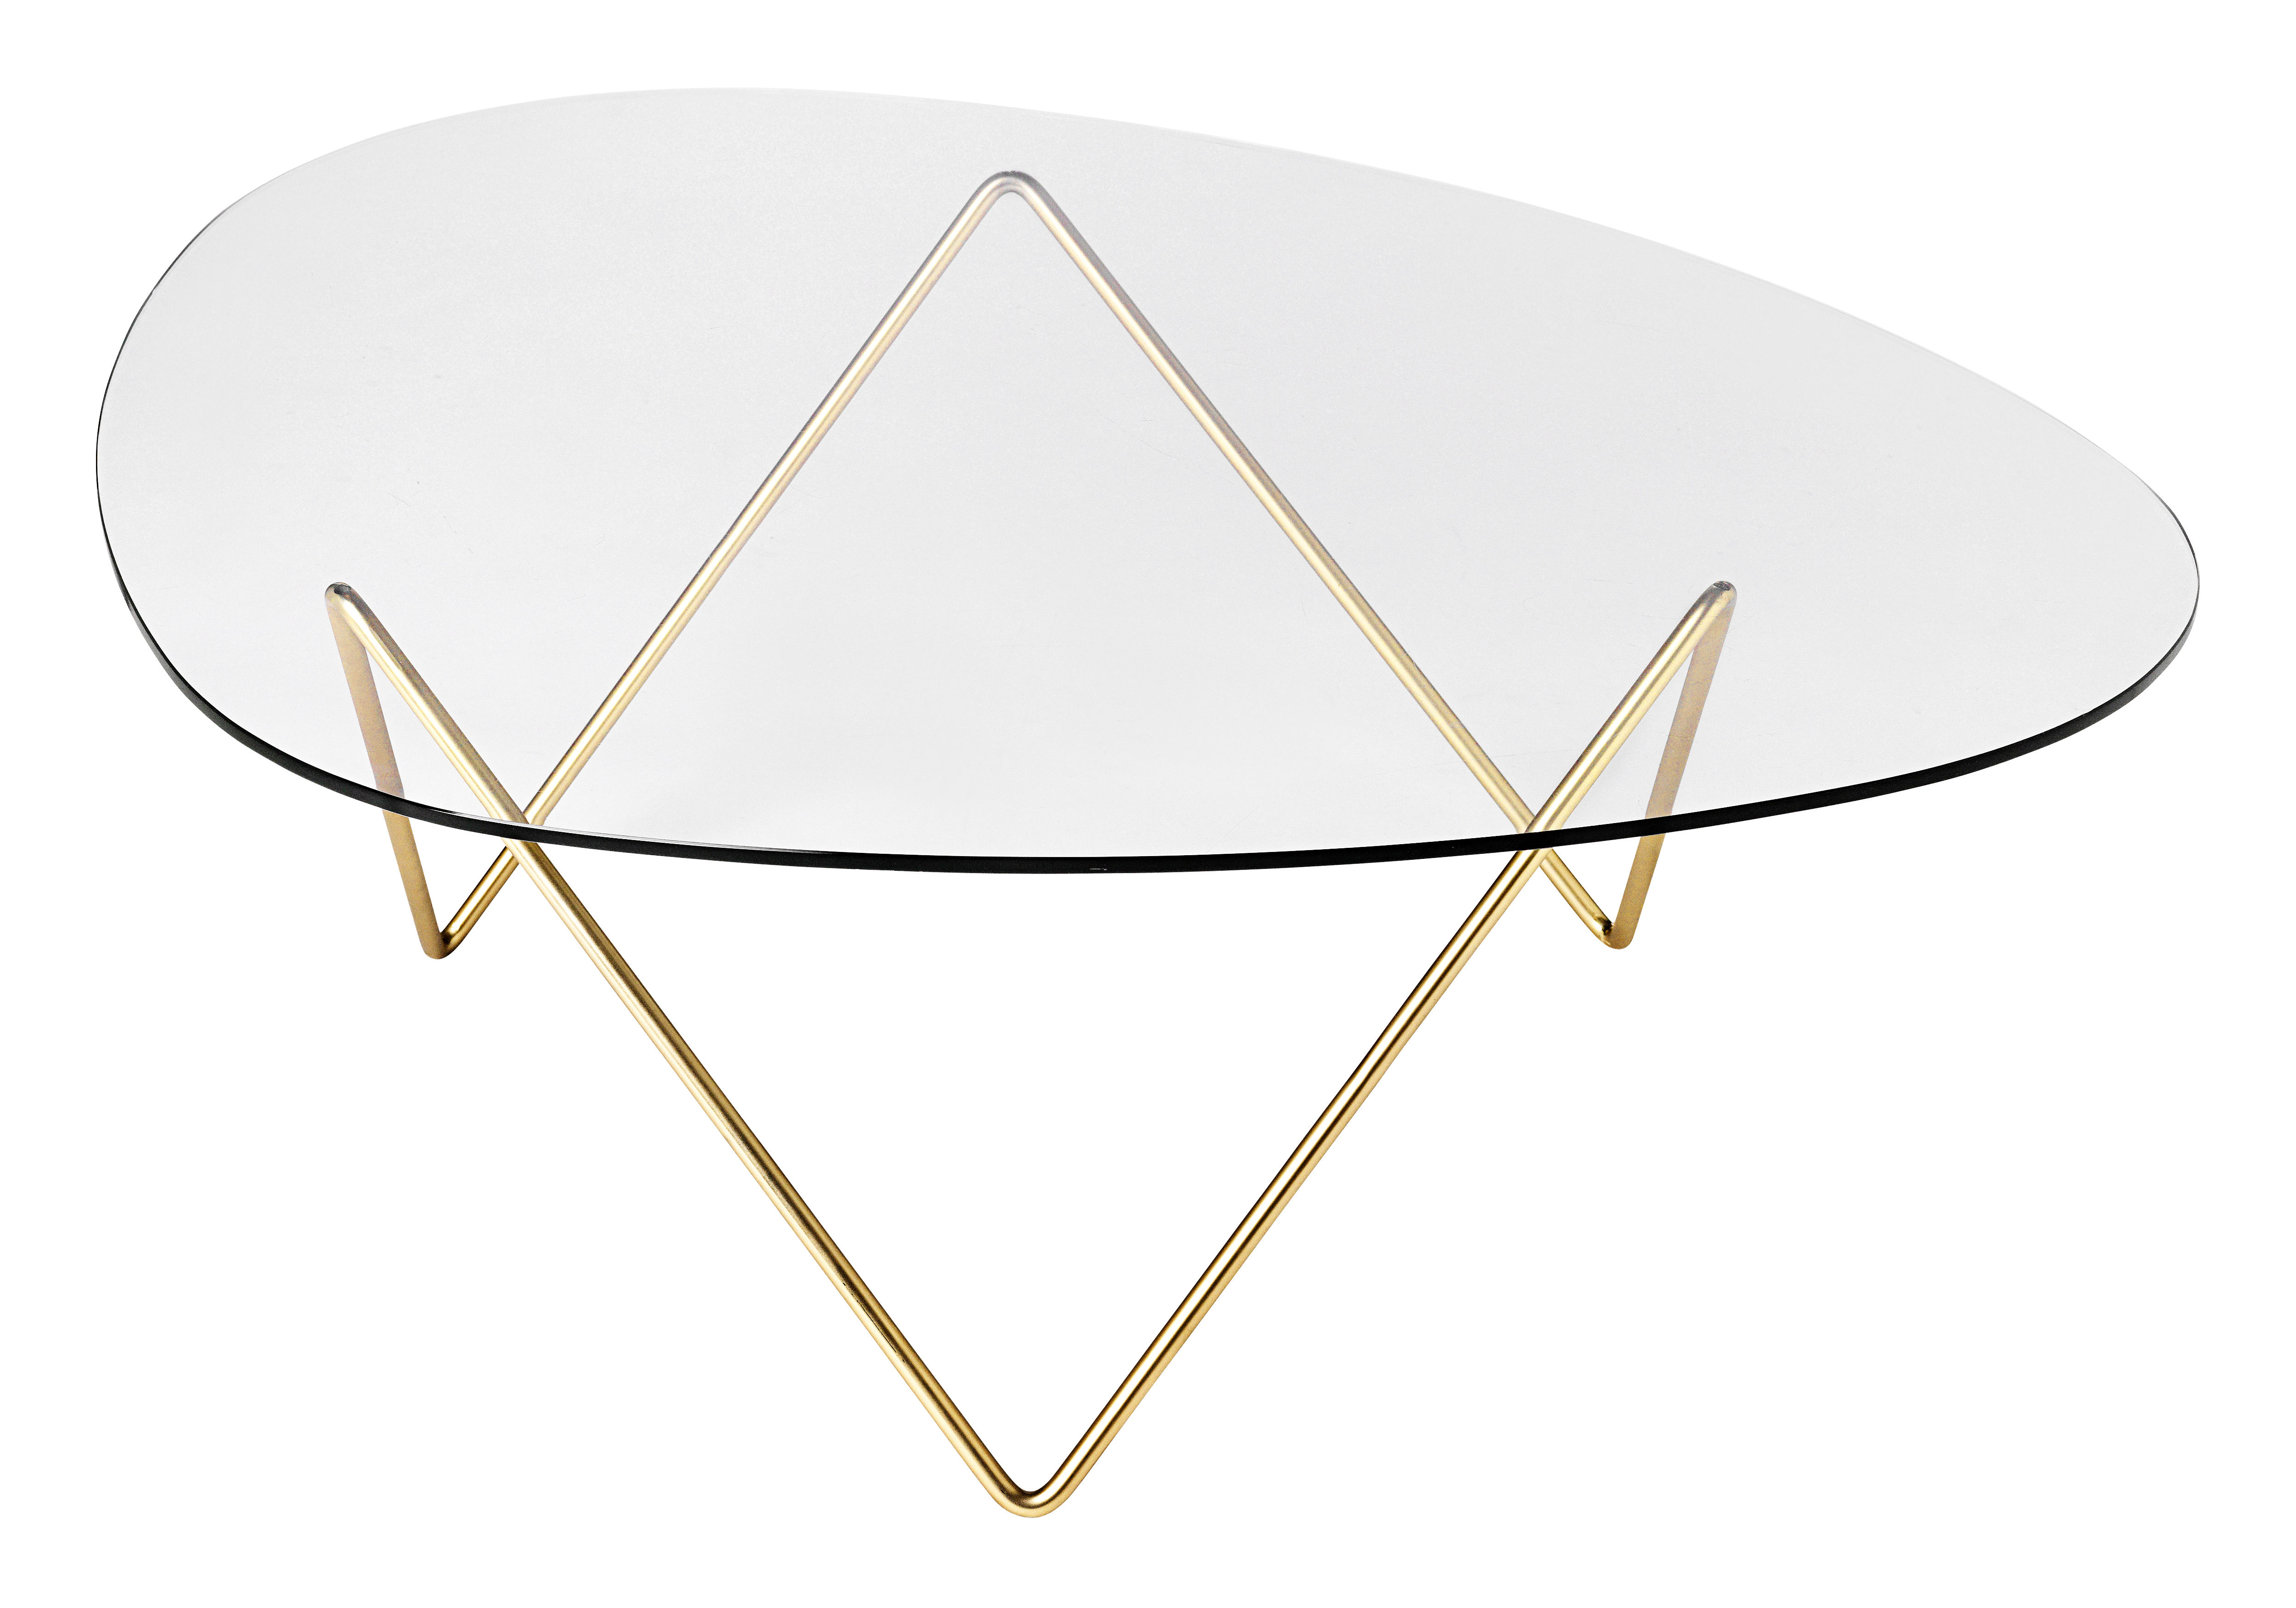 Mobilier - Tables basses - Table basse Pedrera / H 38 cm - Réédition 1955 - Gubi - Pied laiton / Plateau transparent - Acier plaqué laiton, Verre